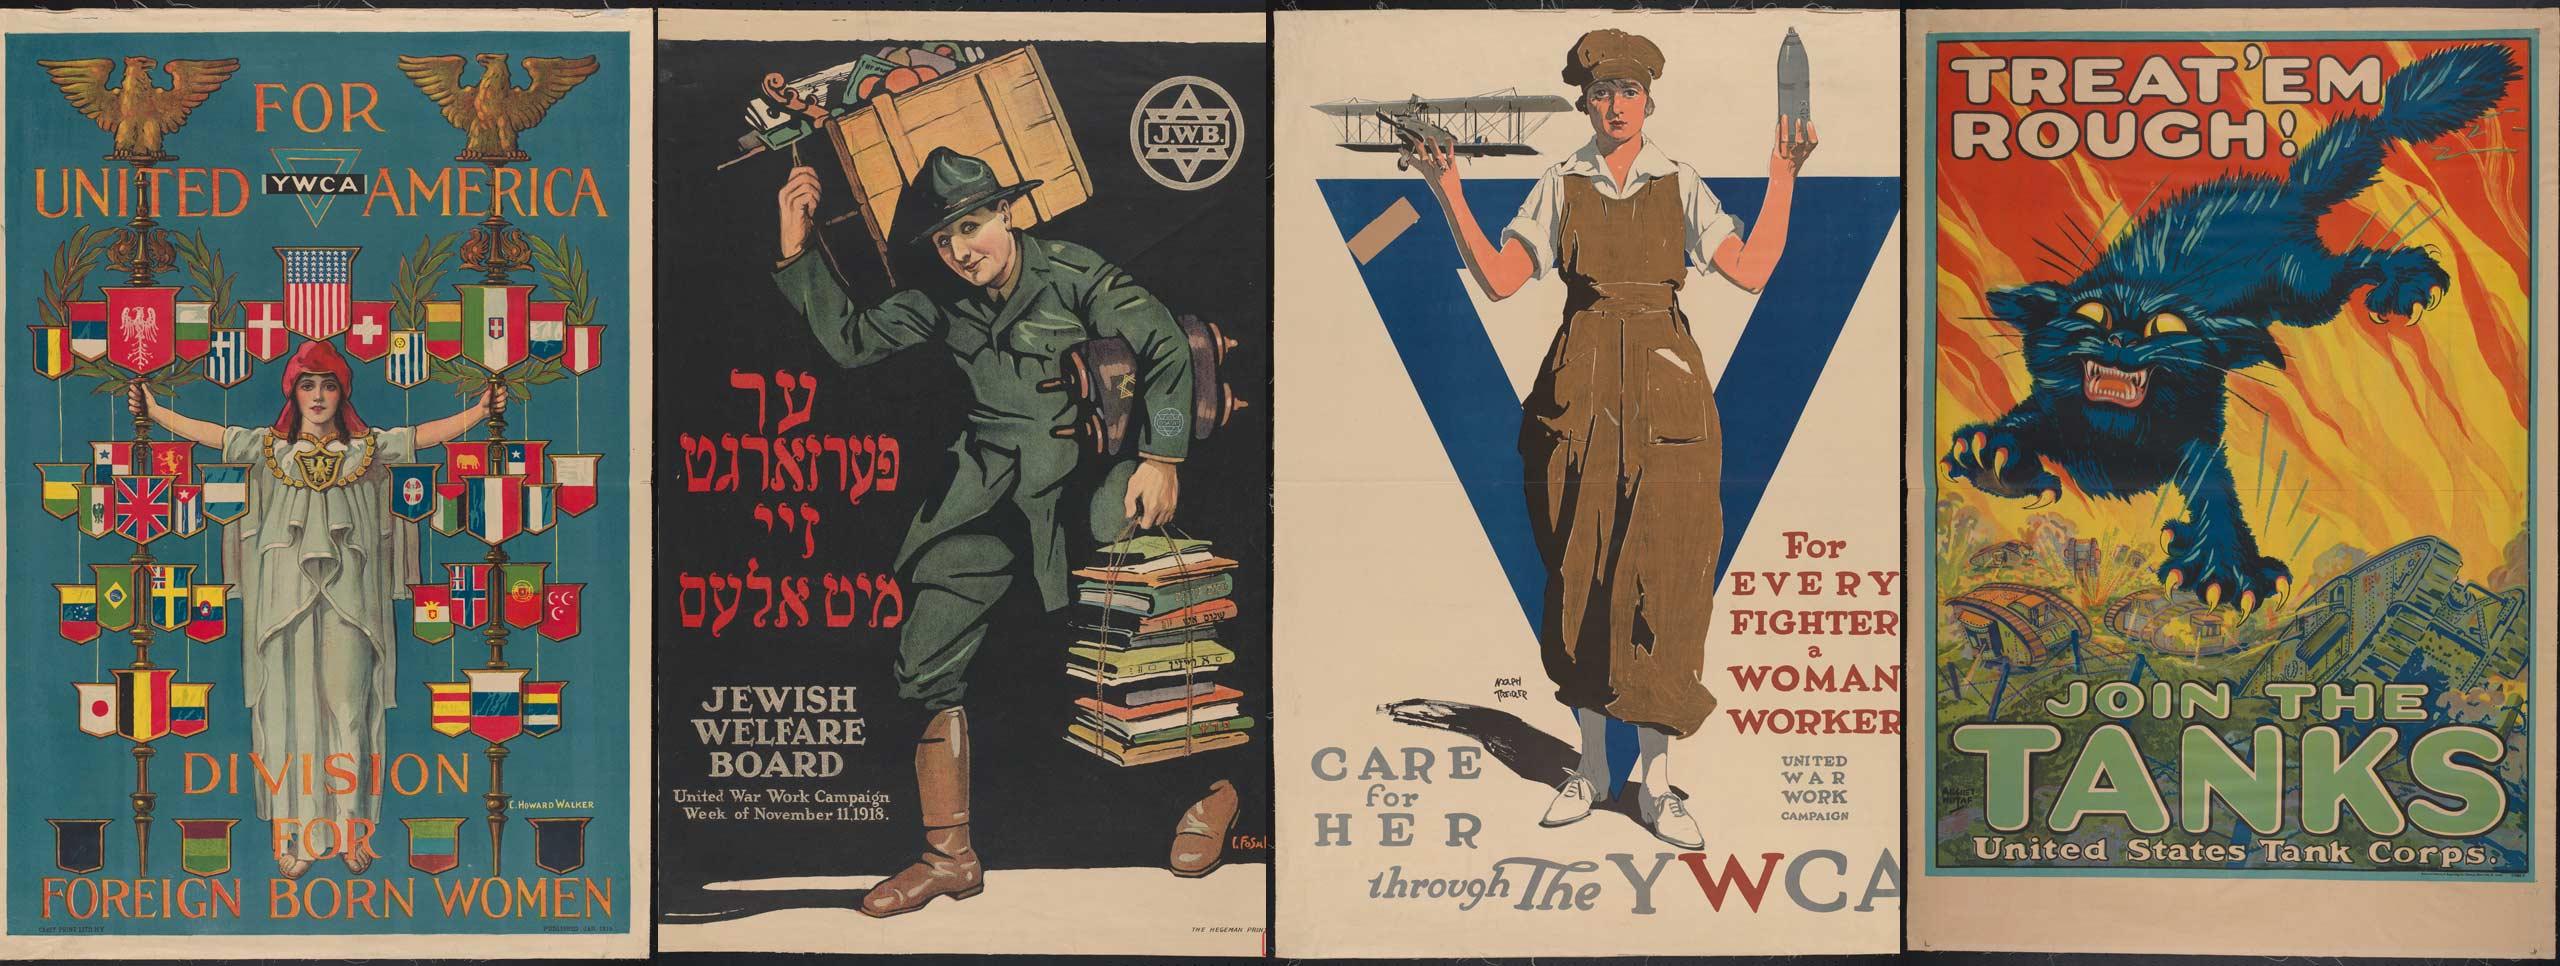 四张第一次世界大战海报,鼓励不同群体通过工作,入伍等方式参与战争